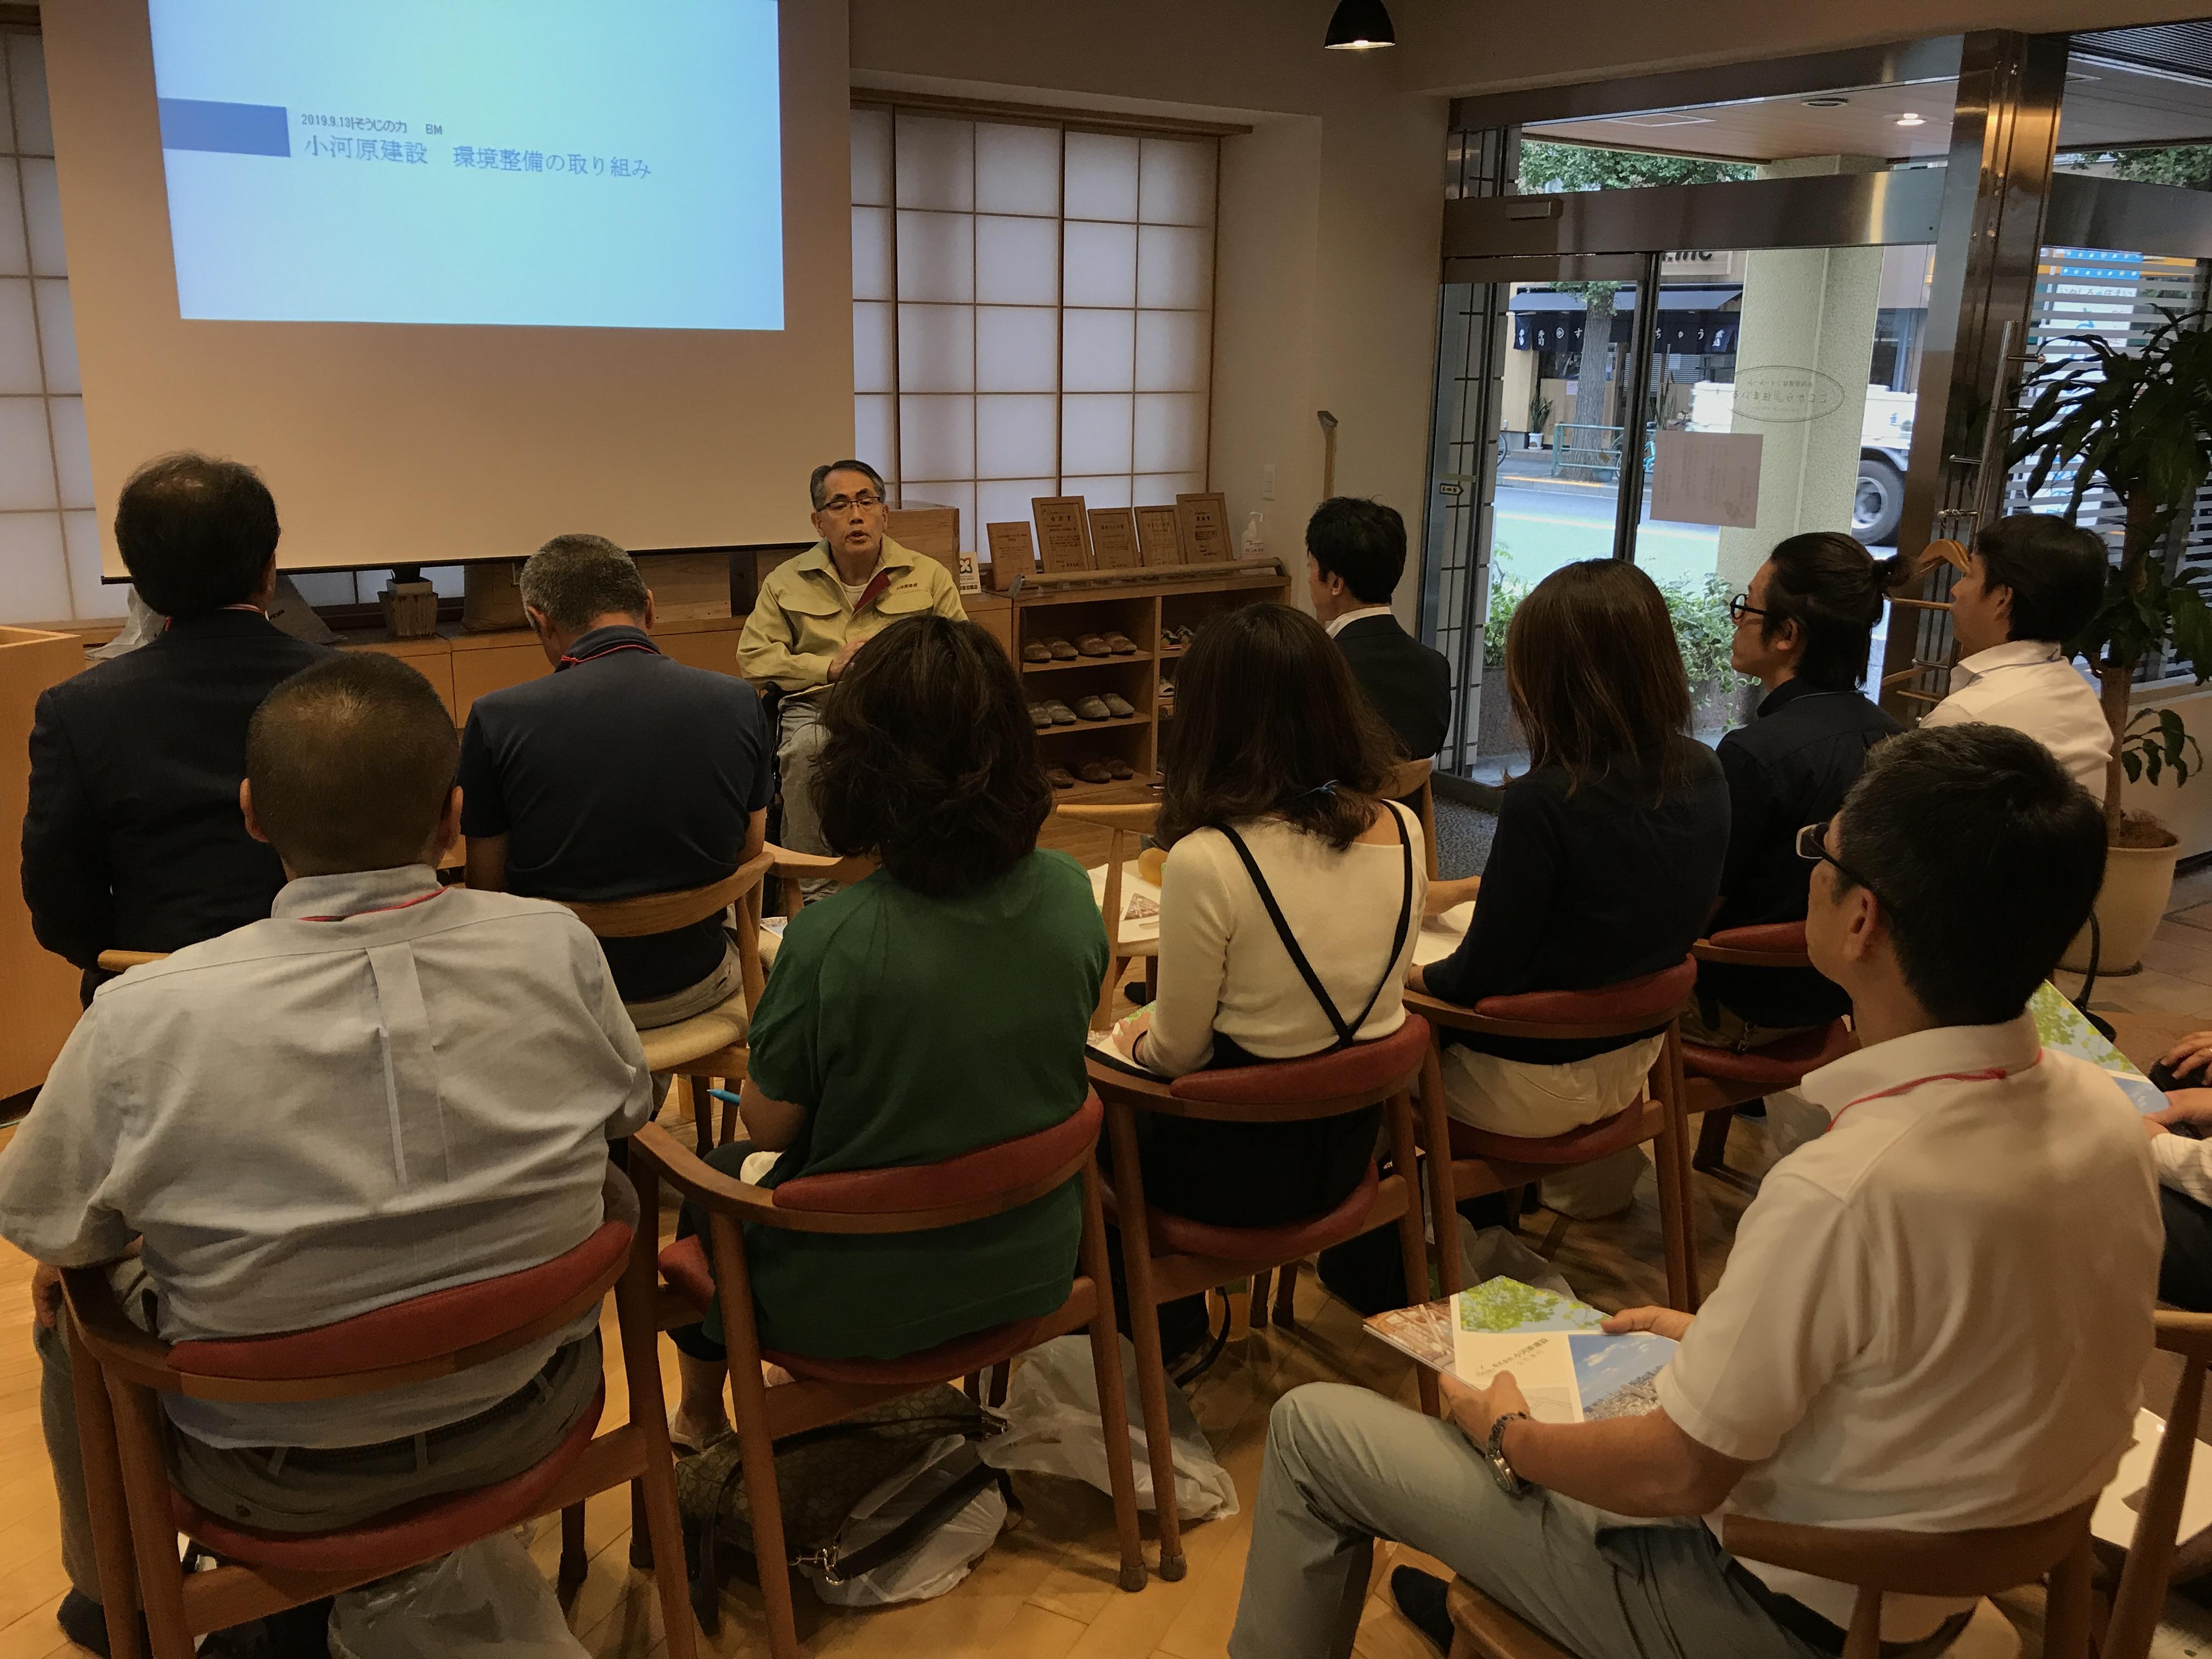 「東京一きれいな現場」が示すもの||小河原建設実践企業見学会